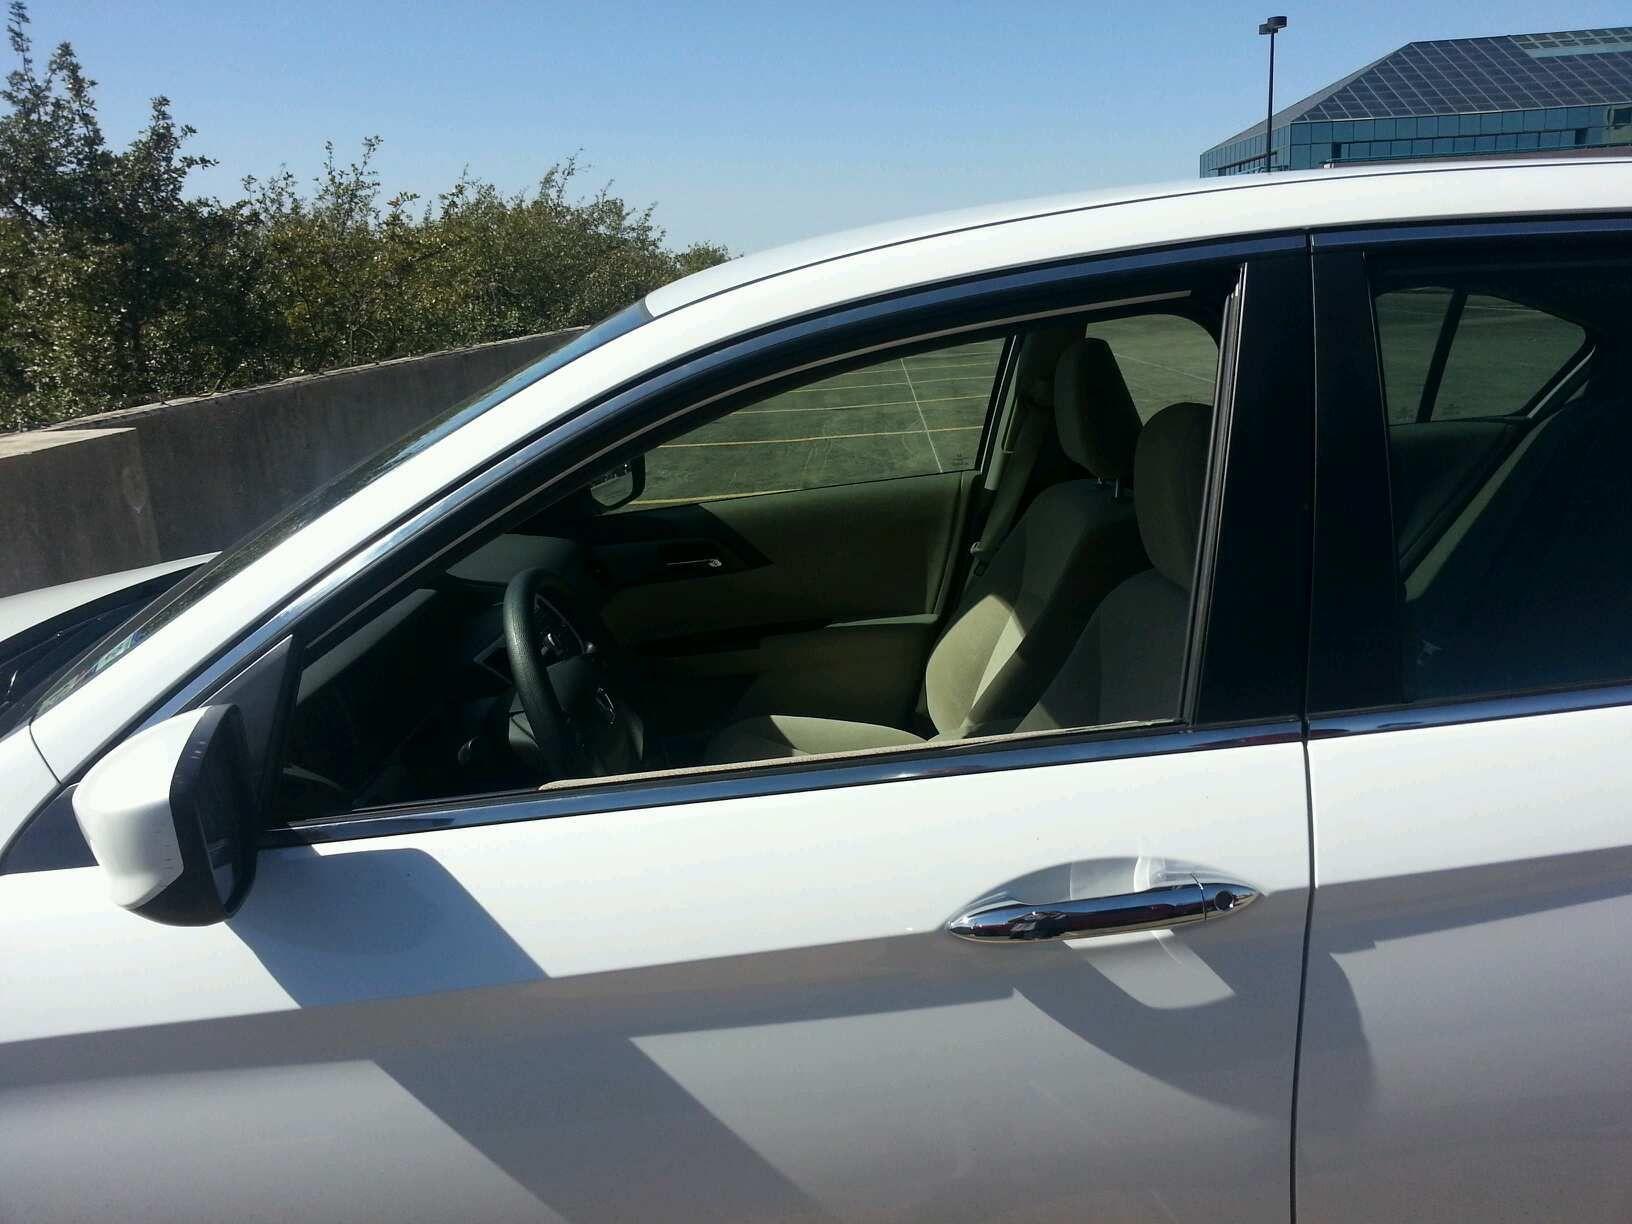 2013 honda accord 4 door sedan front driver 39 s side door glass. Black Bedroom Furniture Sets. Home Design Ideas